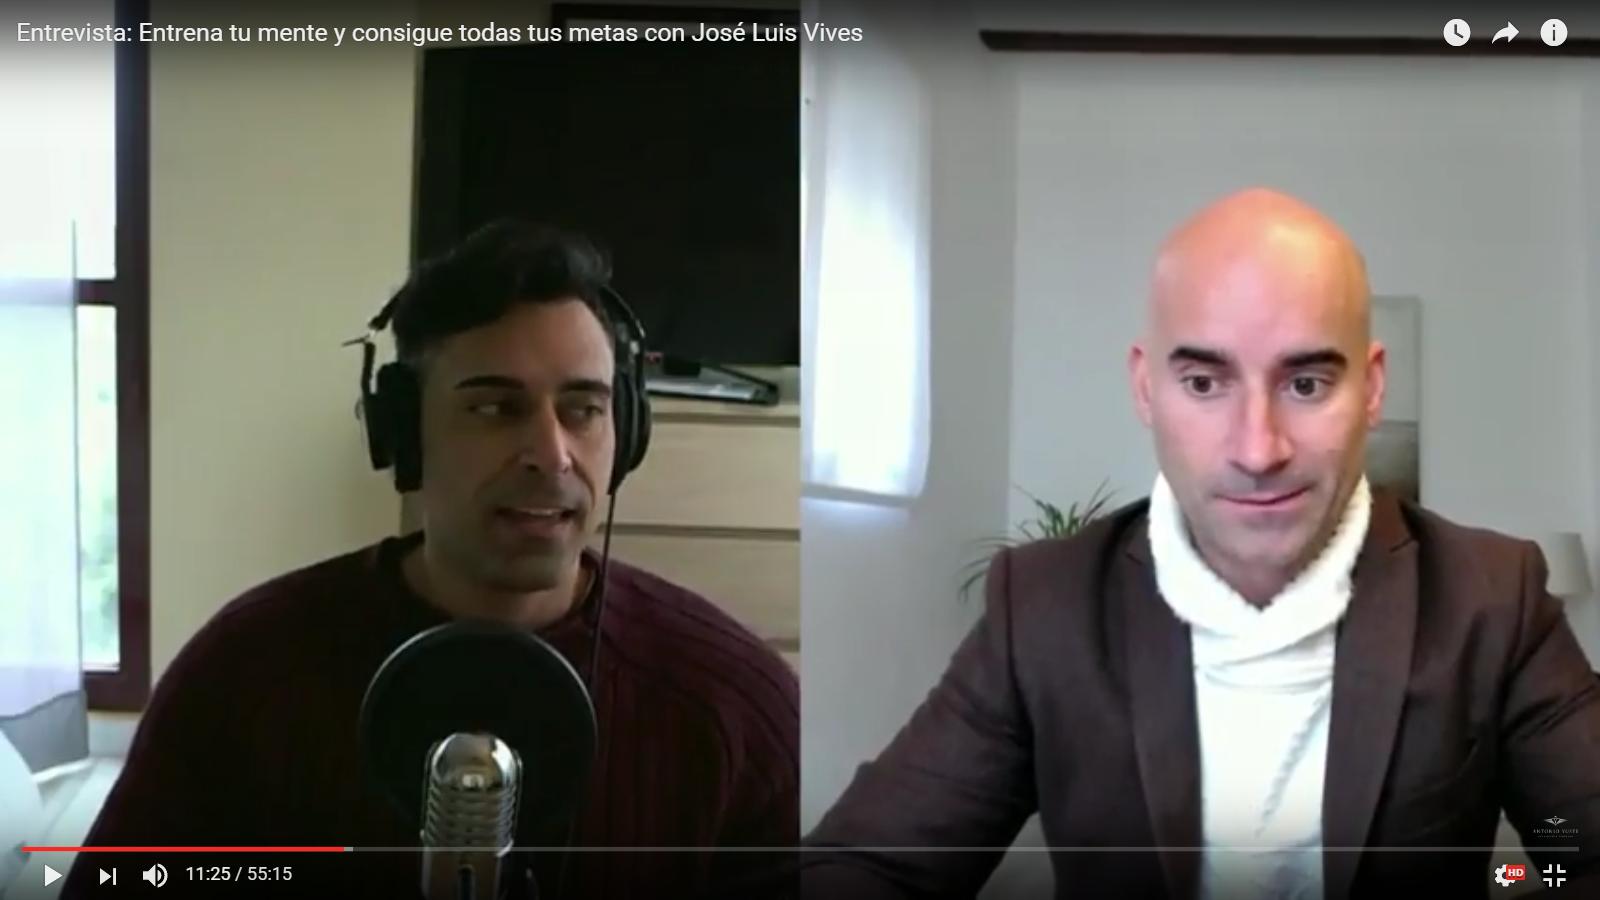 Entrevista a Jose Luis Vives